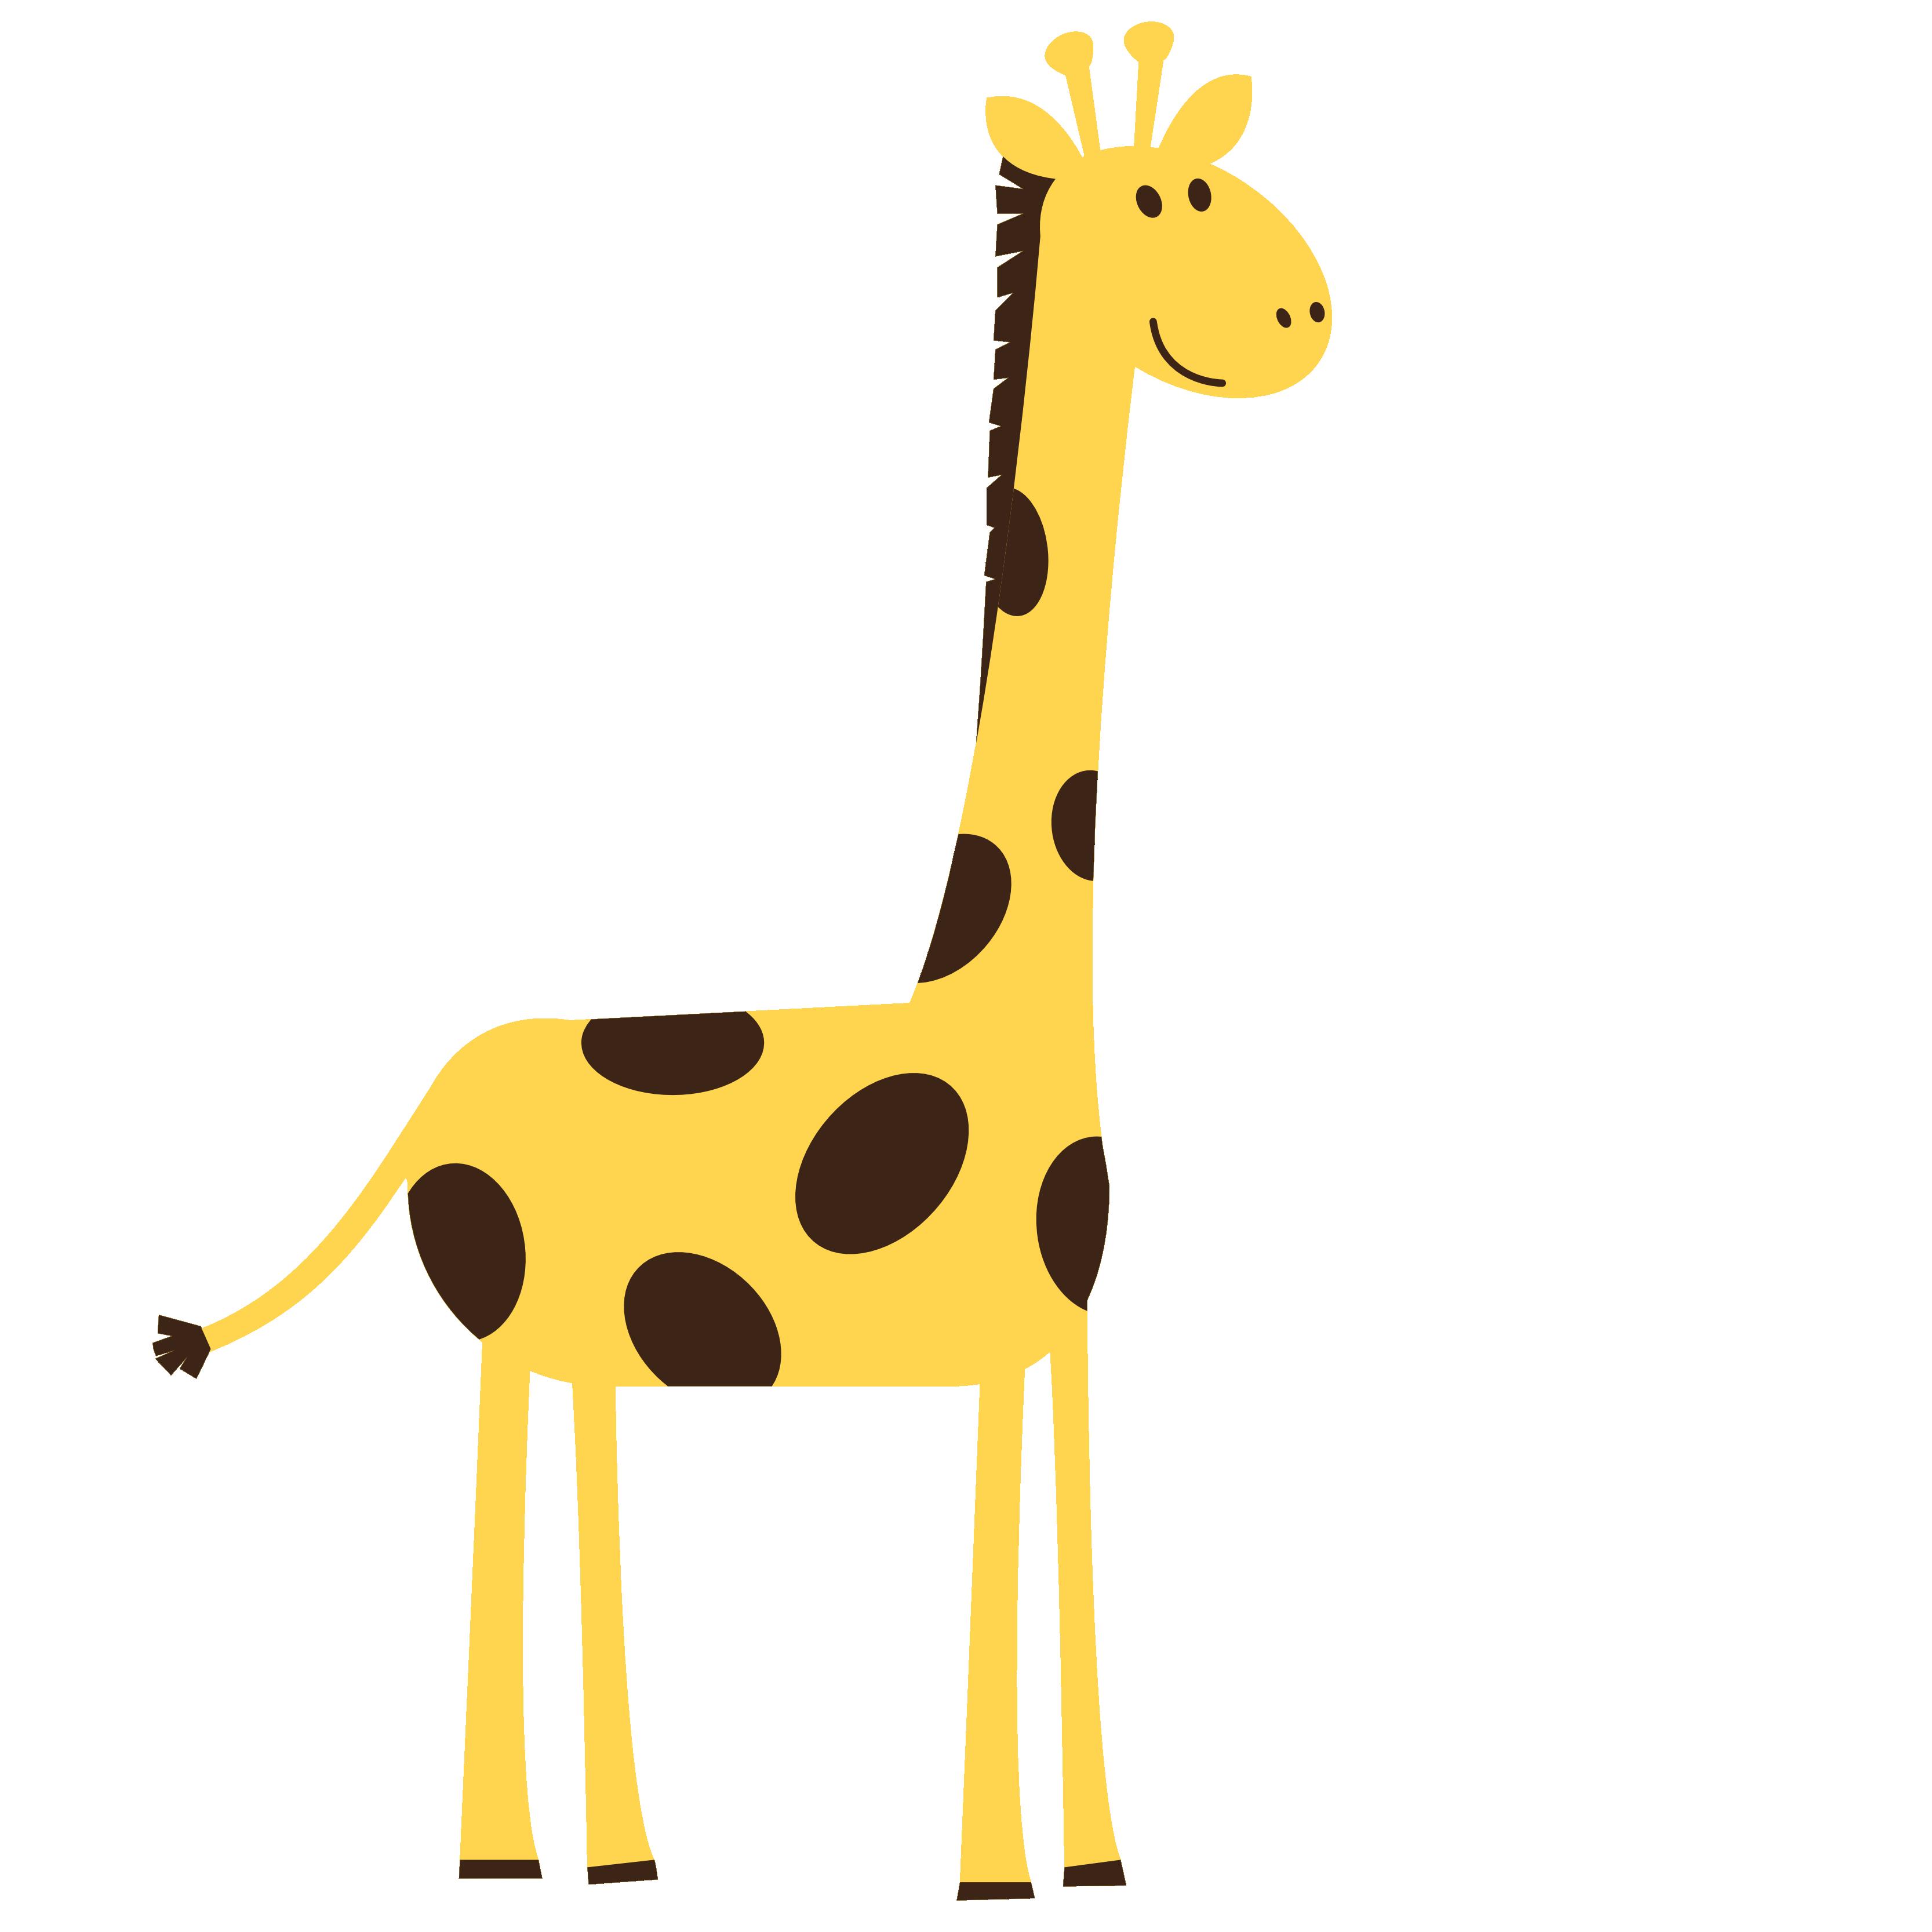 17 giraffe clipart. Cartoon giraffe, Giraffe drawing